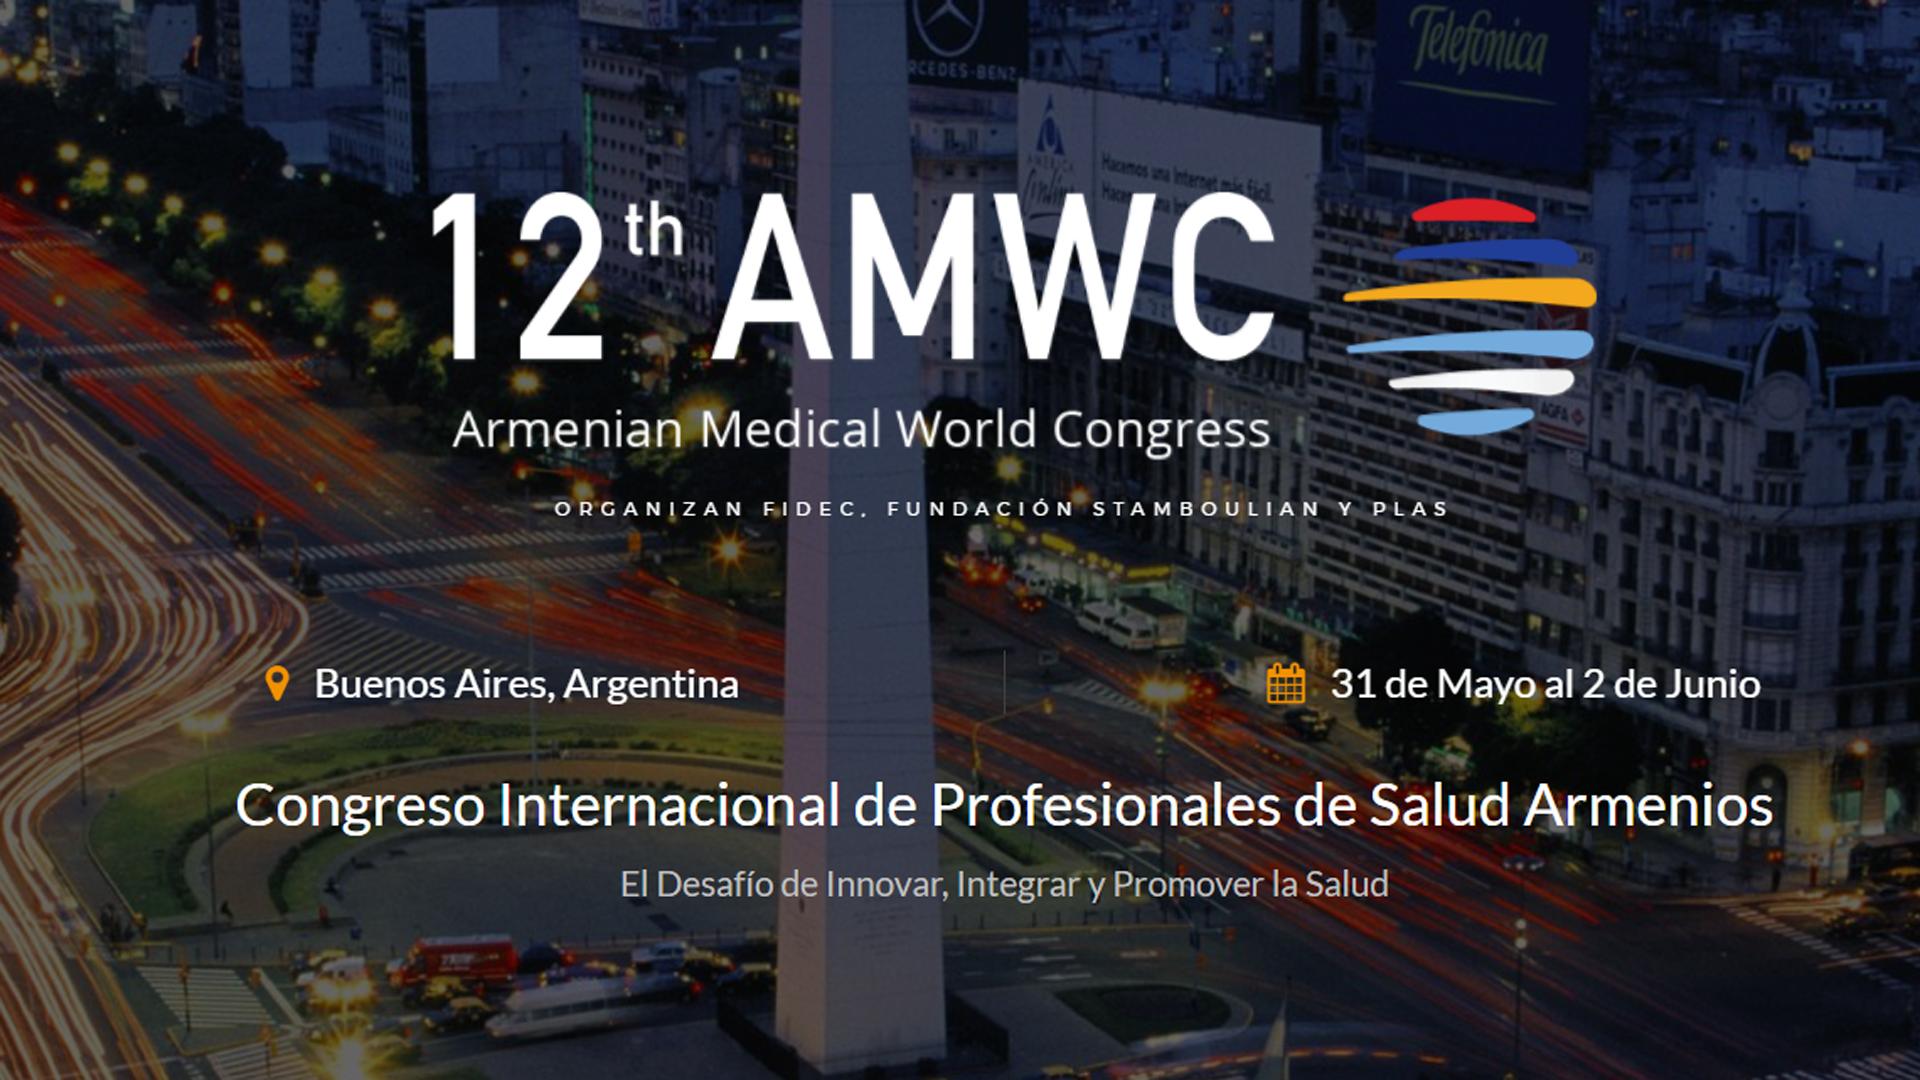 Armenian Medical World Congress es una de las conferencias de impacto internacional más prestigiosas de la escena médica global